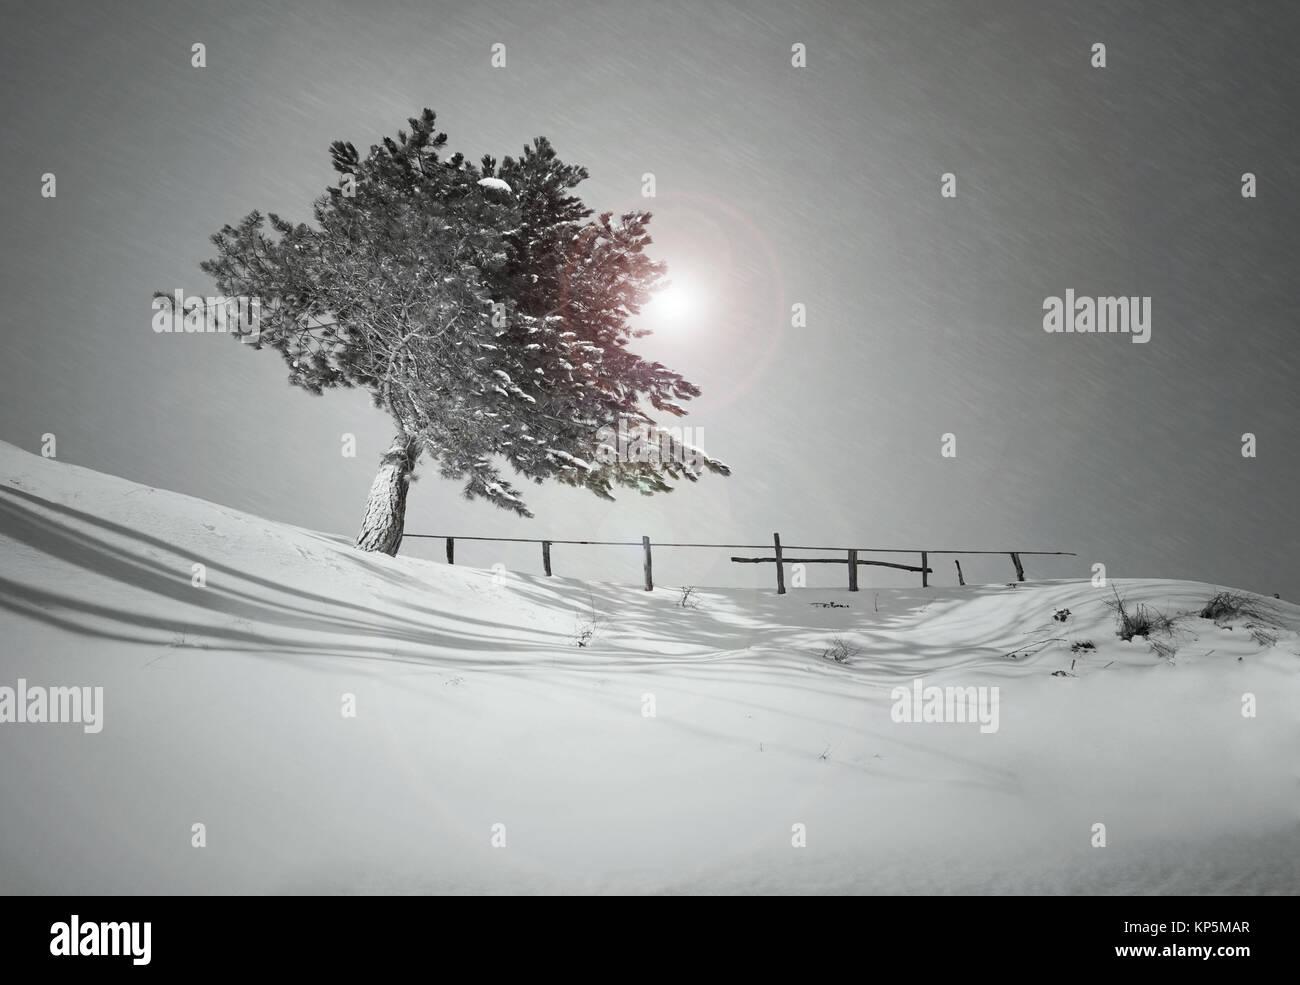 Albero Su Una Collina Ricoperta Di Neve Durante Una Nevicata In